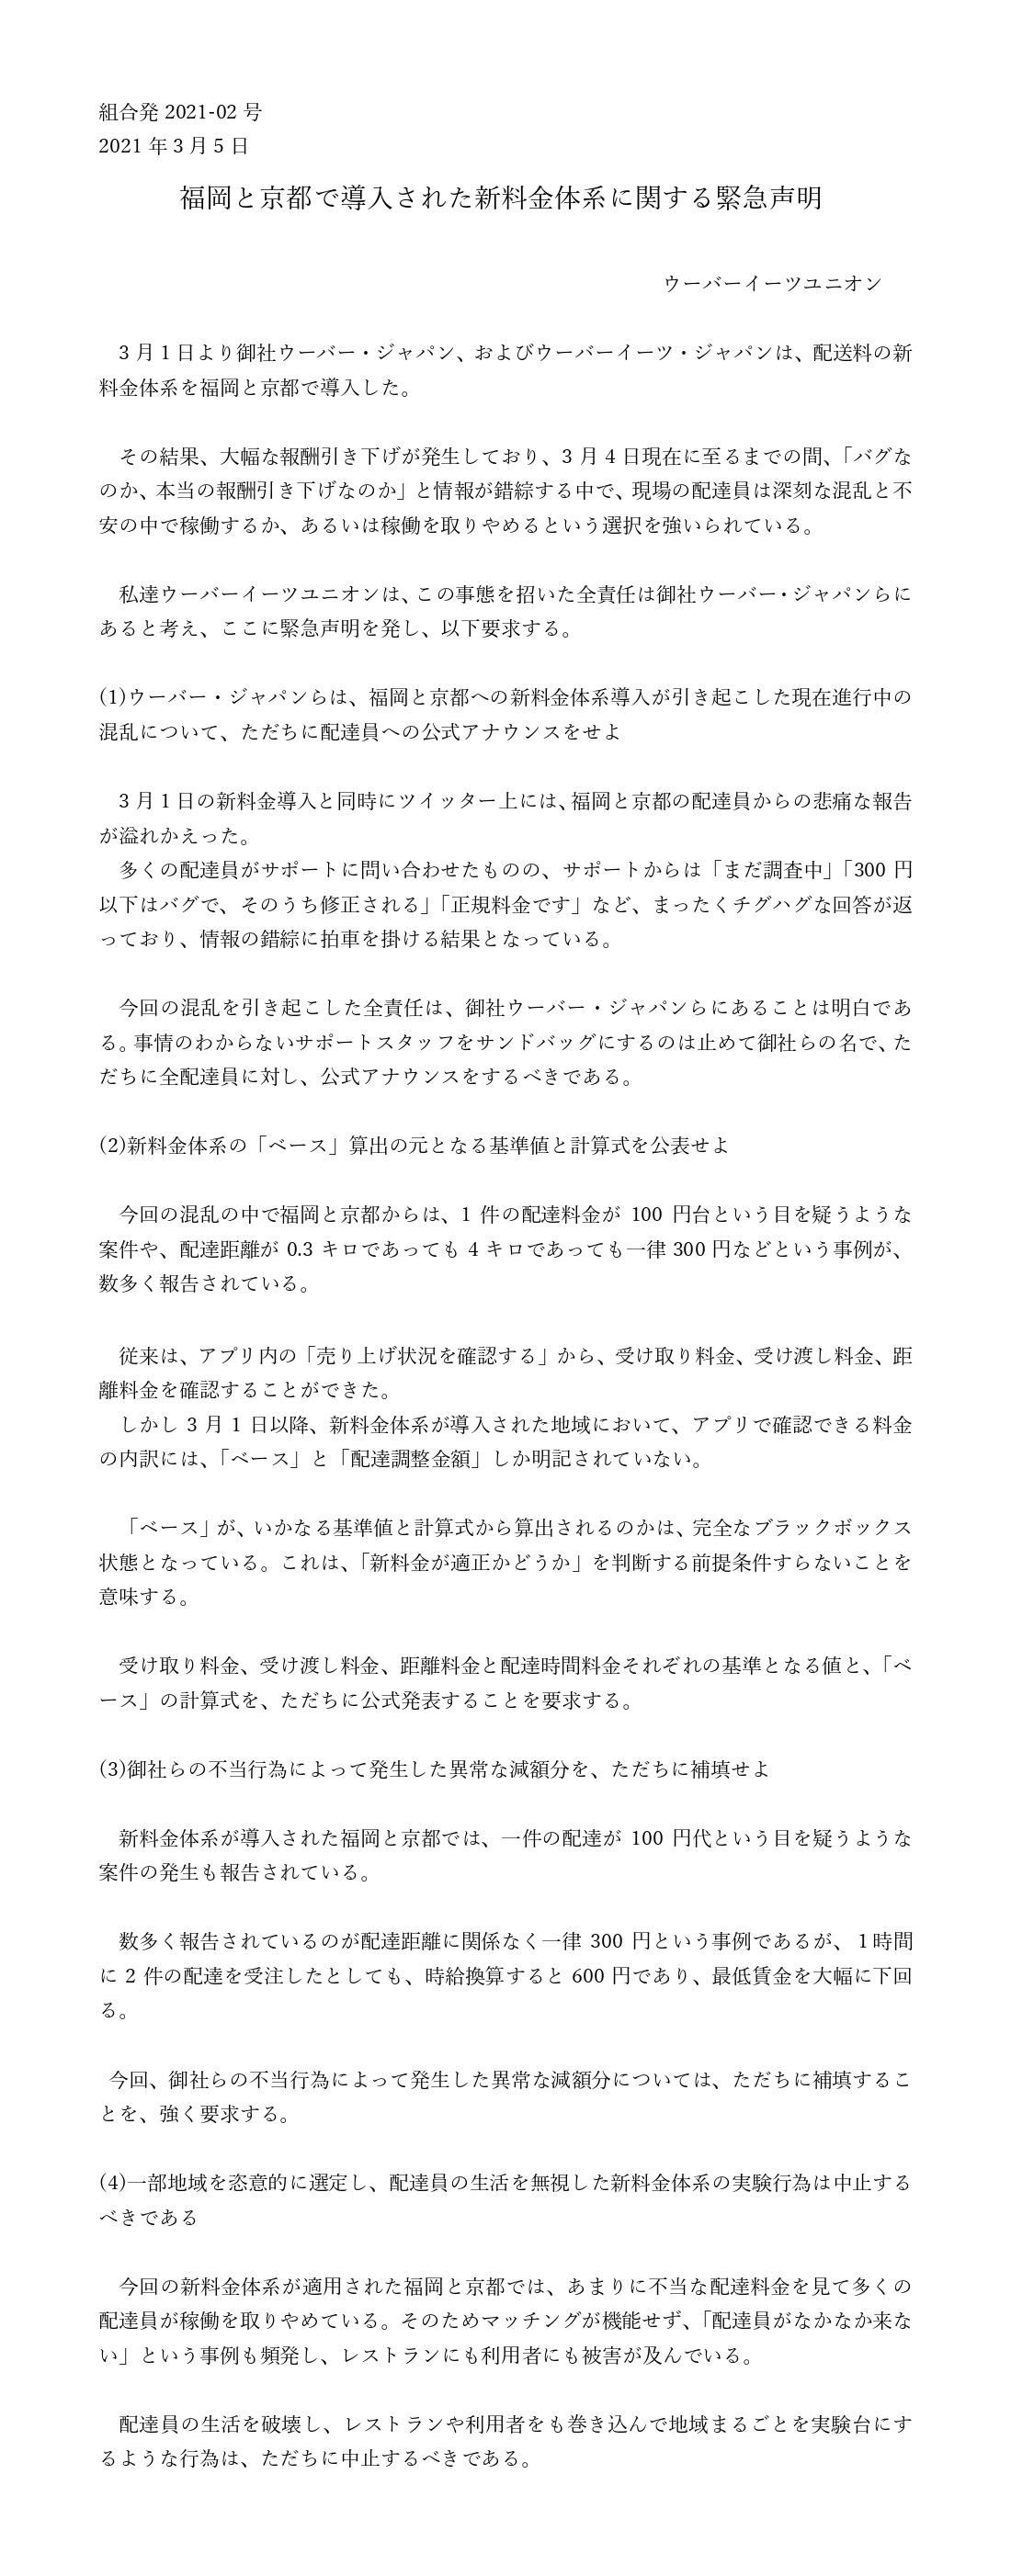 福岡と京都で導入された新料金体系に関する緊急声明